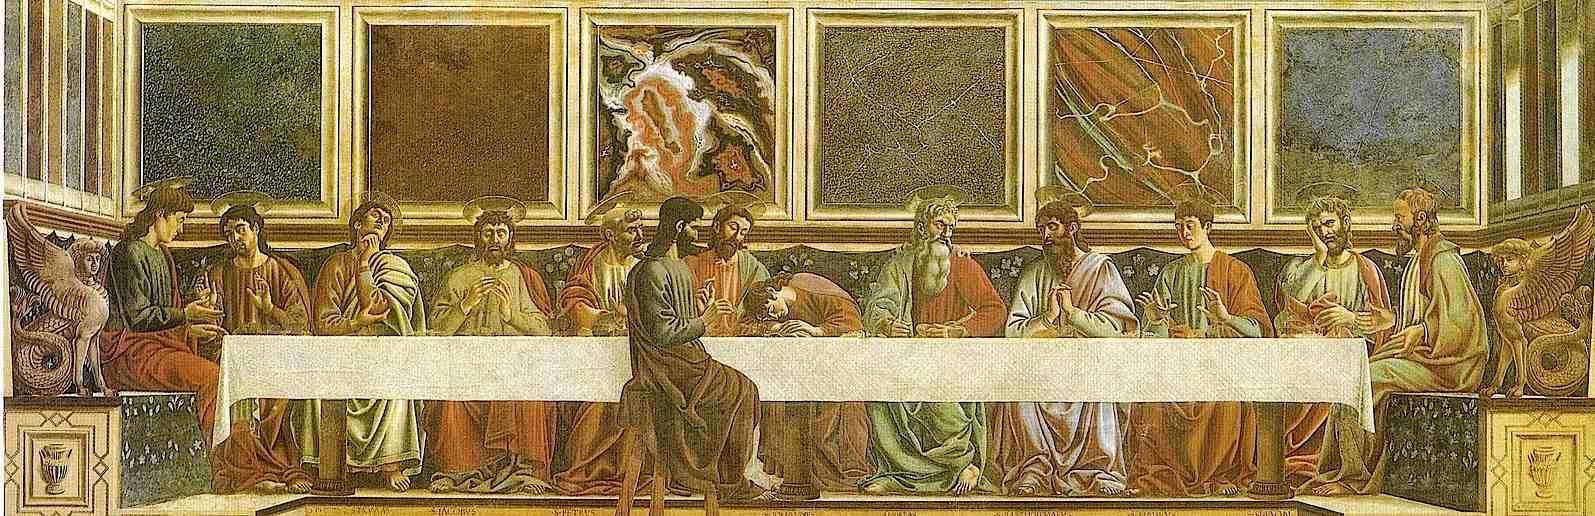 Nei prossimi mercoledì pomeriggio, dalle ore 15.00 alle ore 17.00, apertura straordinaria del Cenacolo di Sant'Apollonia: 24 - 31 maggio, 7 – 14 - 21 giugno